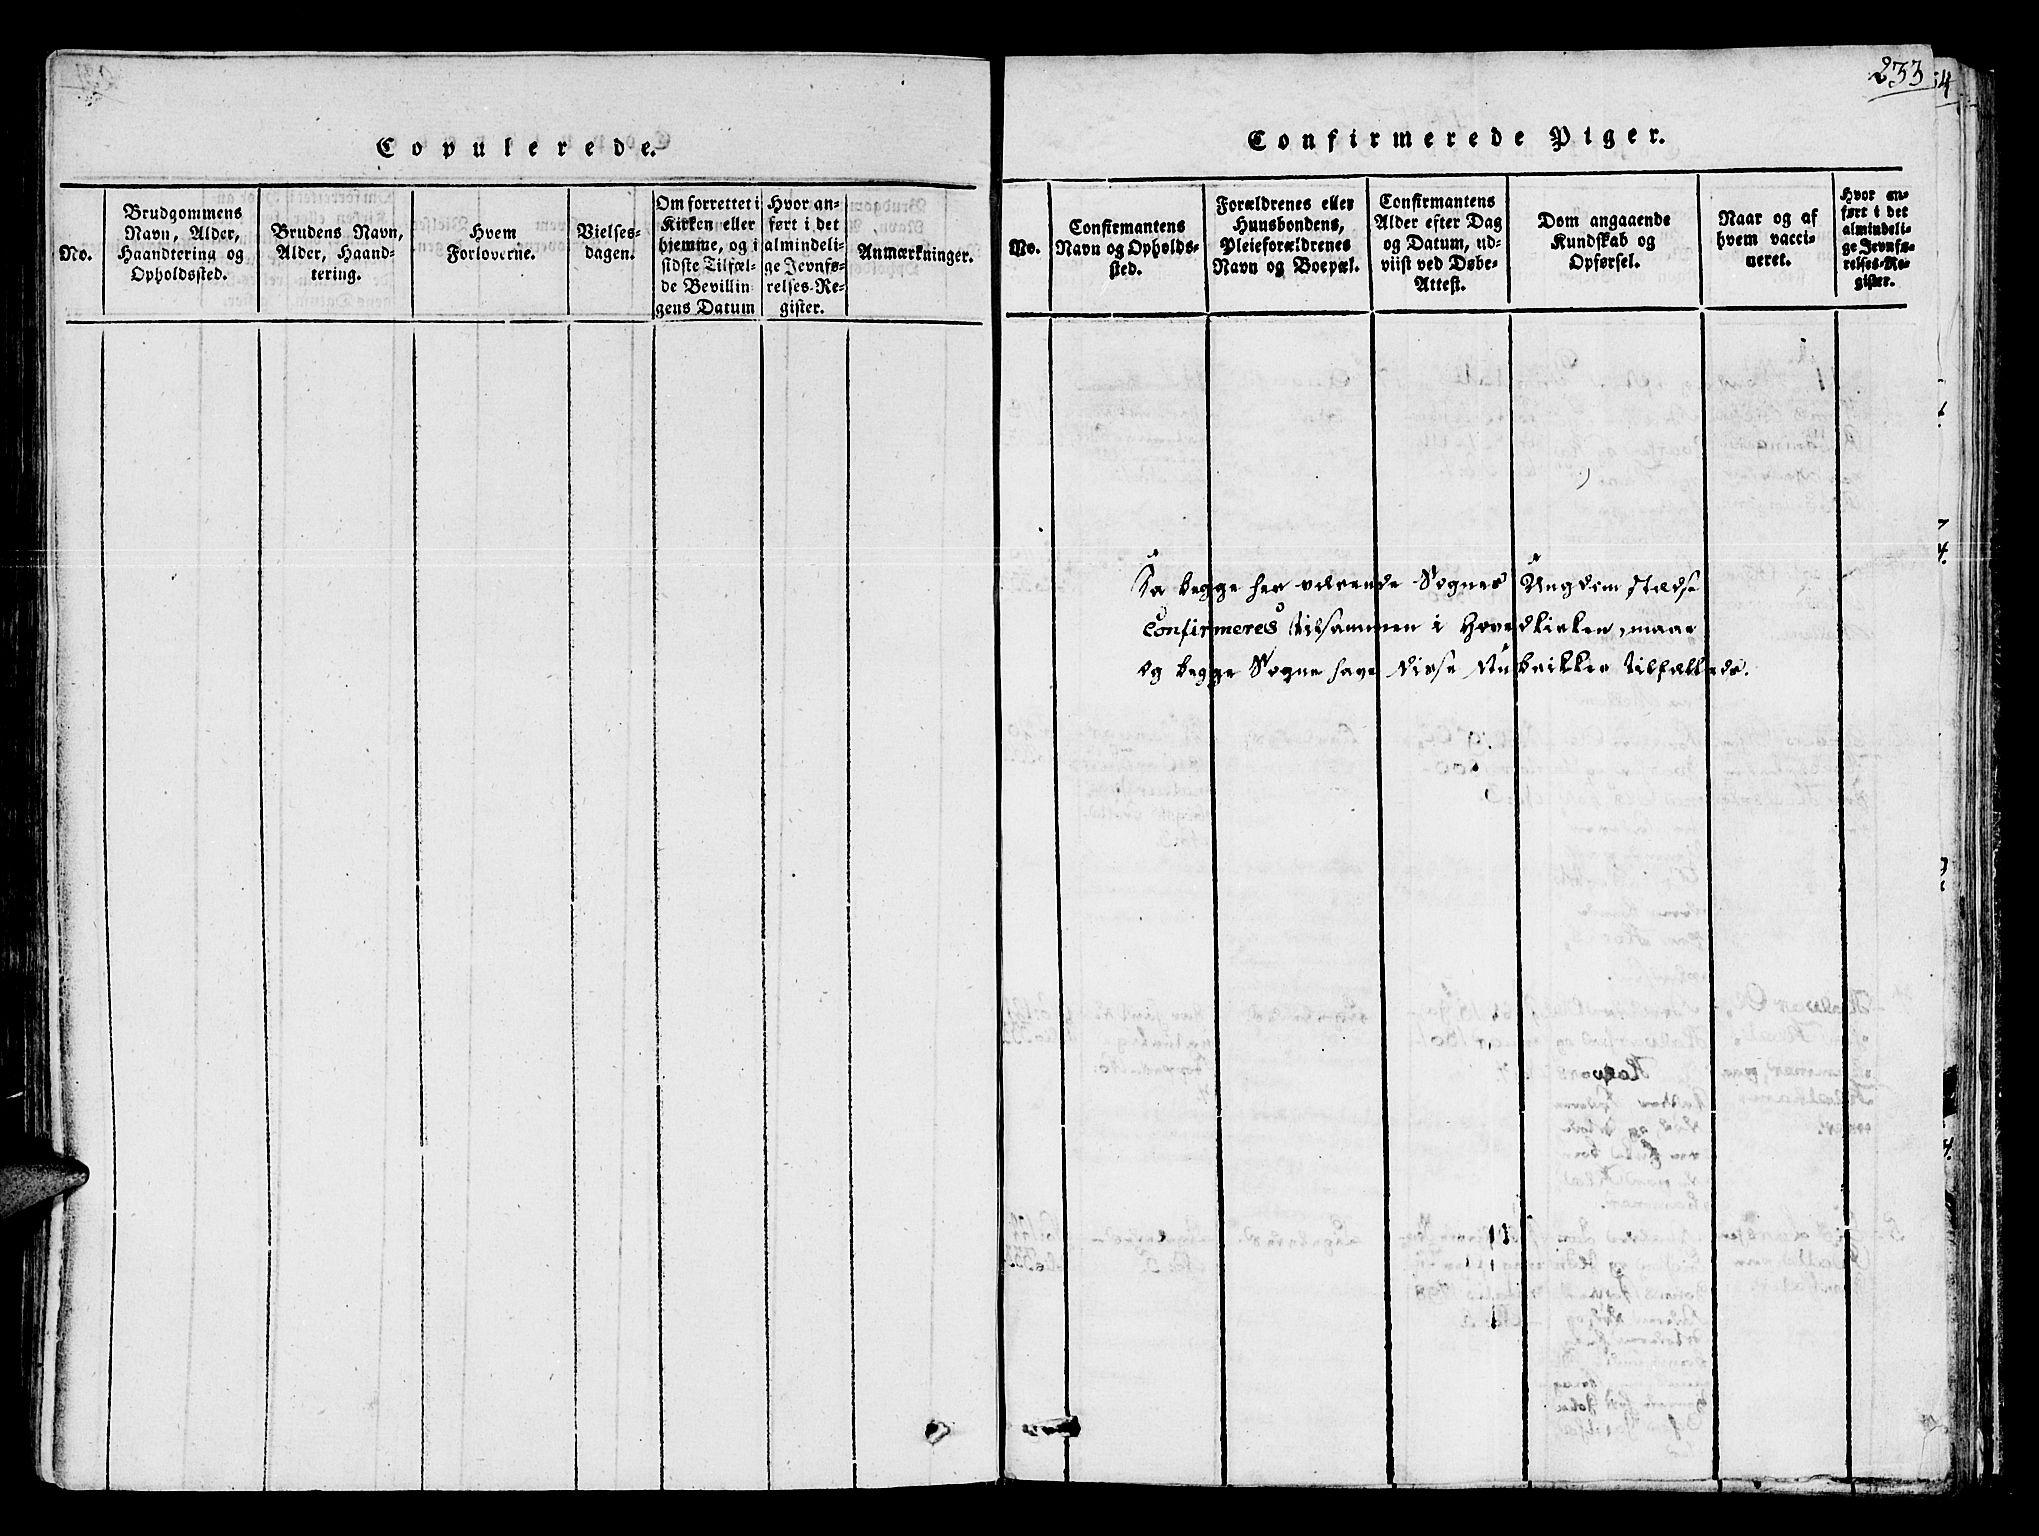 SAT, Ministerialprotokoller, klokkerbøker og fødselsregistre - Sør-Trøndelag, 678/L0895: Ministerialbok nr. 678A05 /1, 1816-1821, s. 233